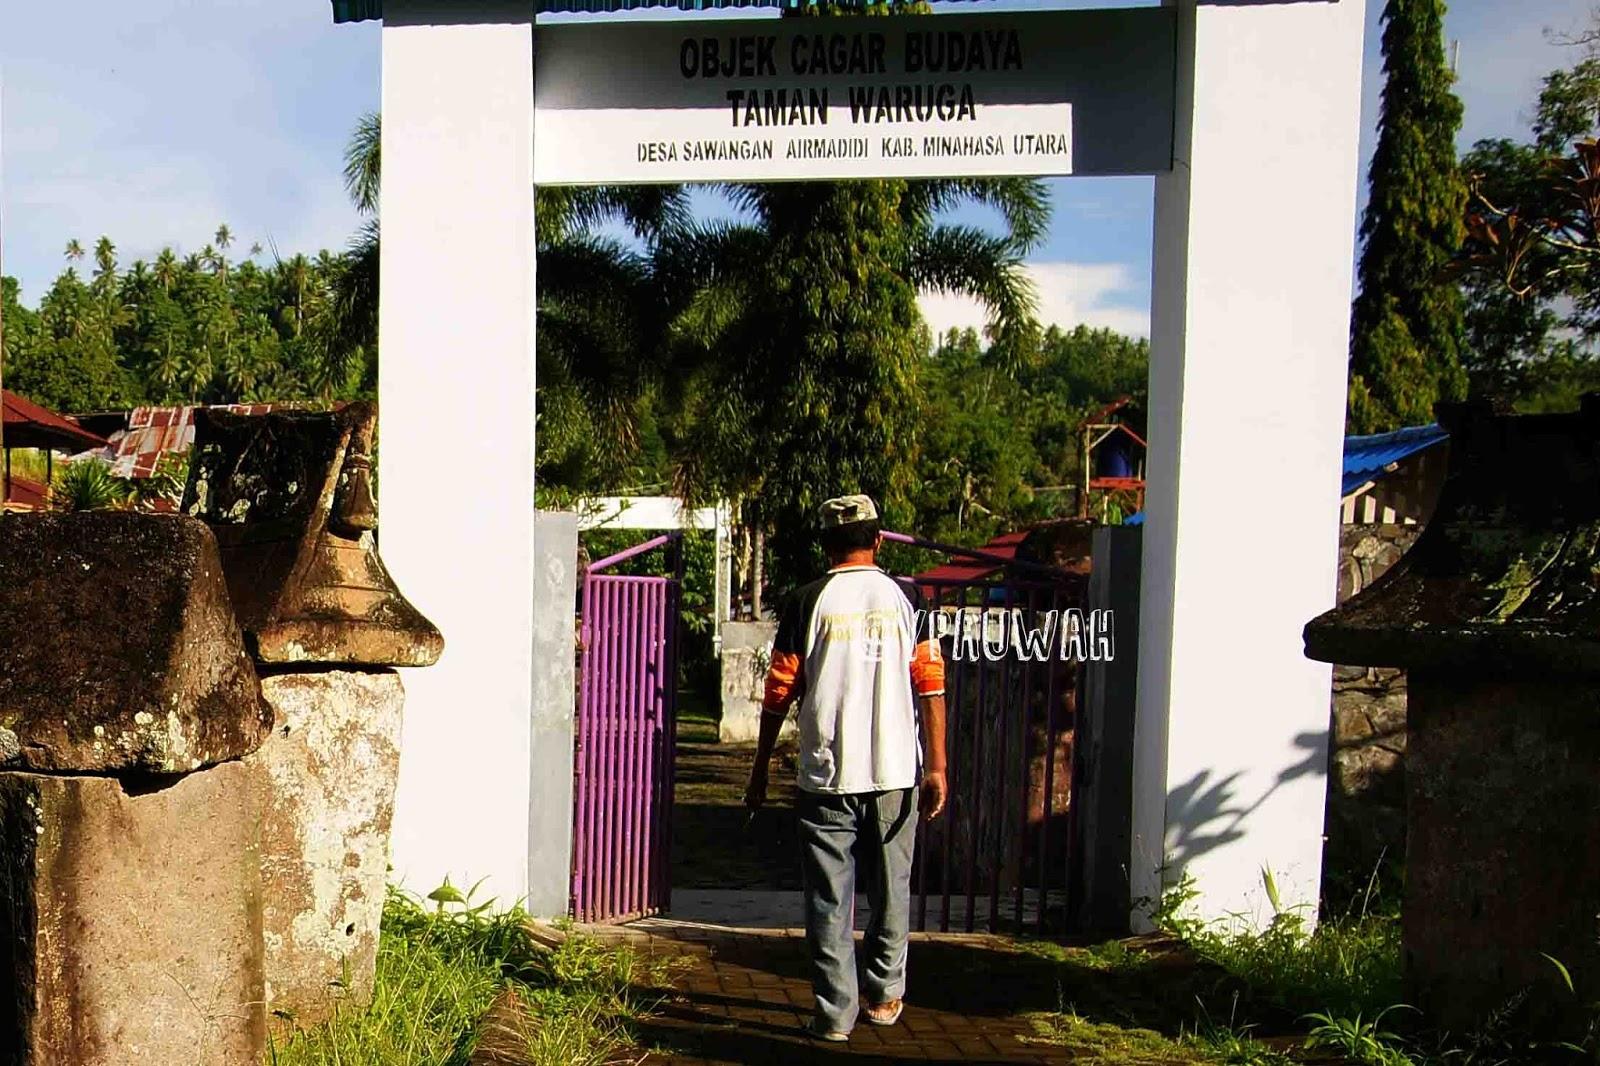 Yrp Peti Batu Kuburan Waruga Sawangan Mengunjungi Cagar Budaya Taman